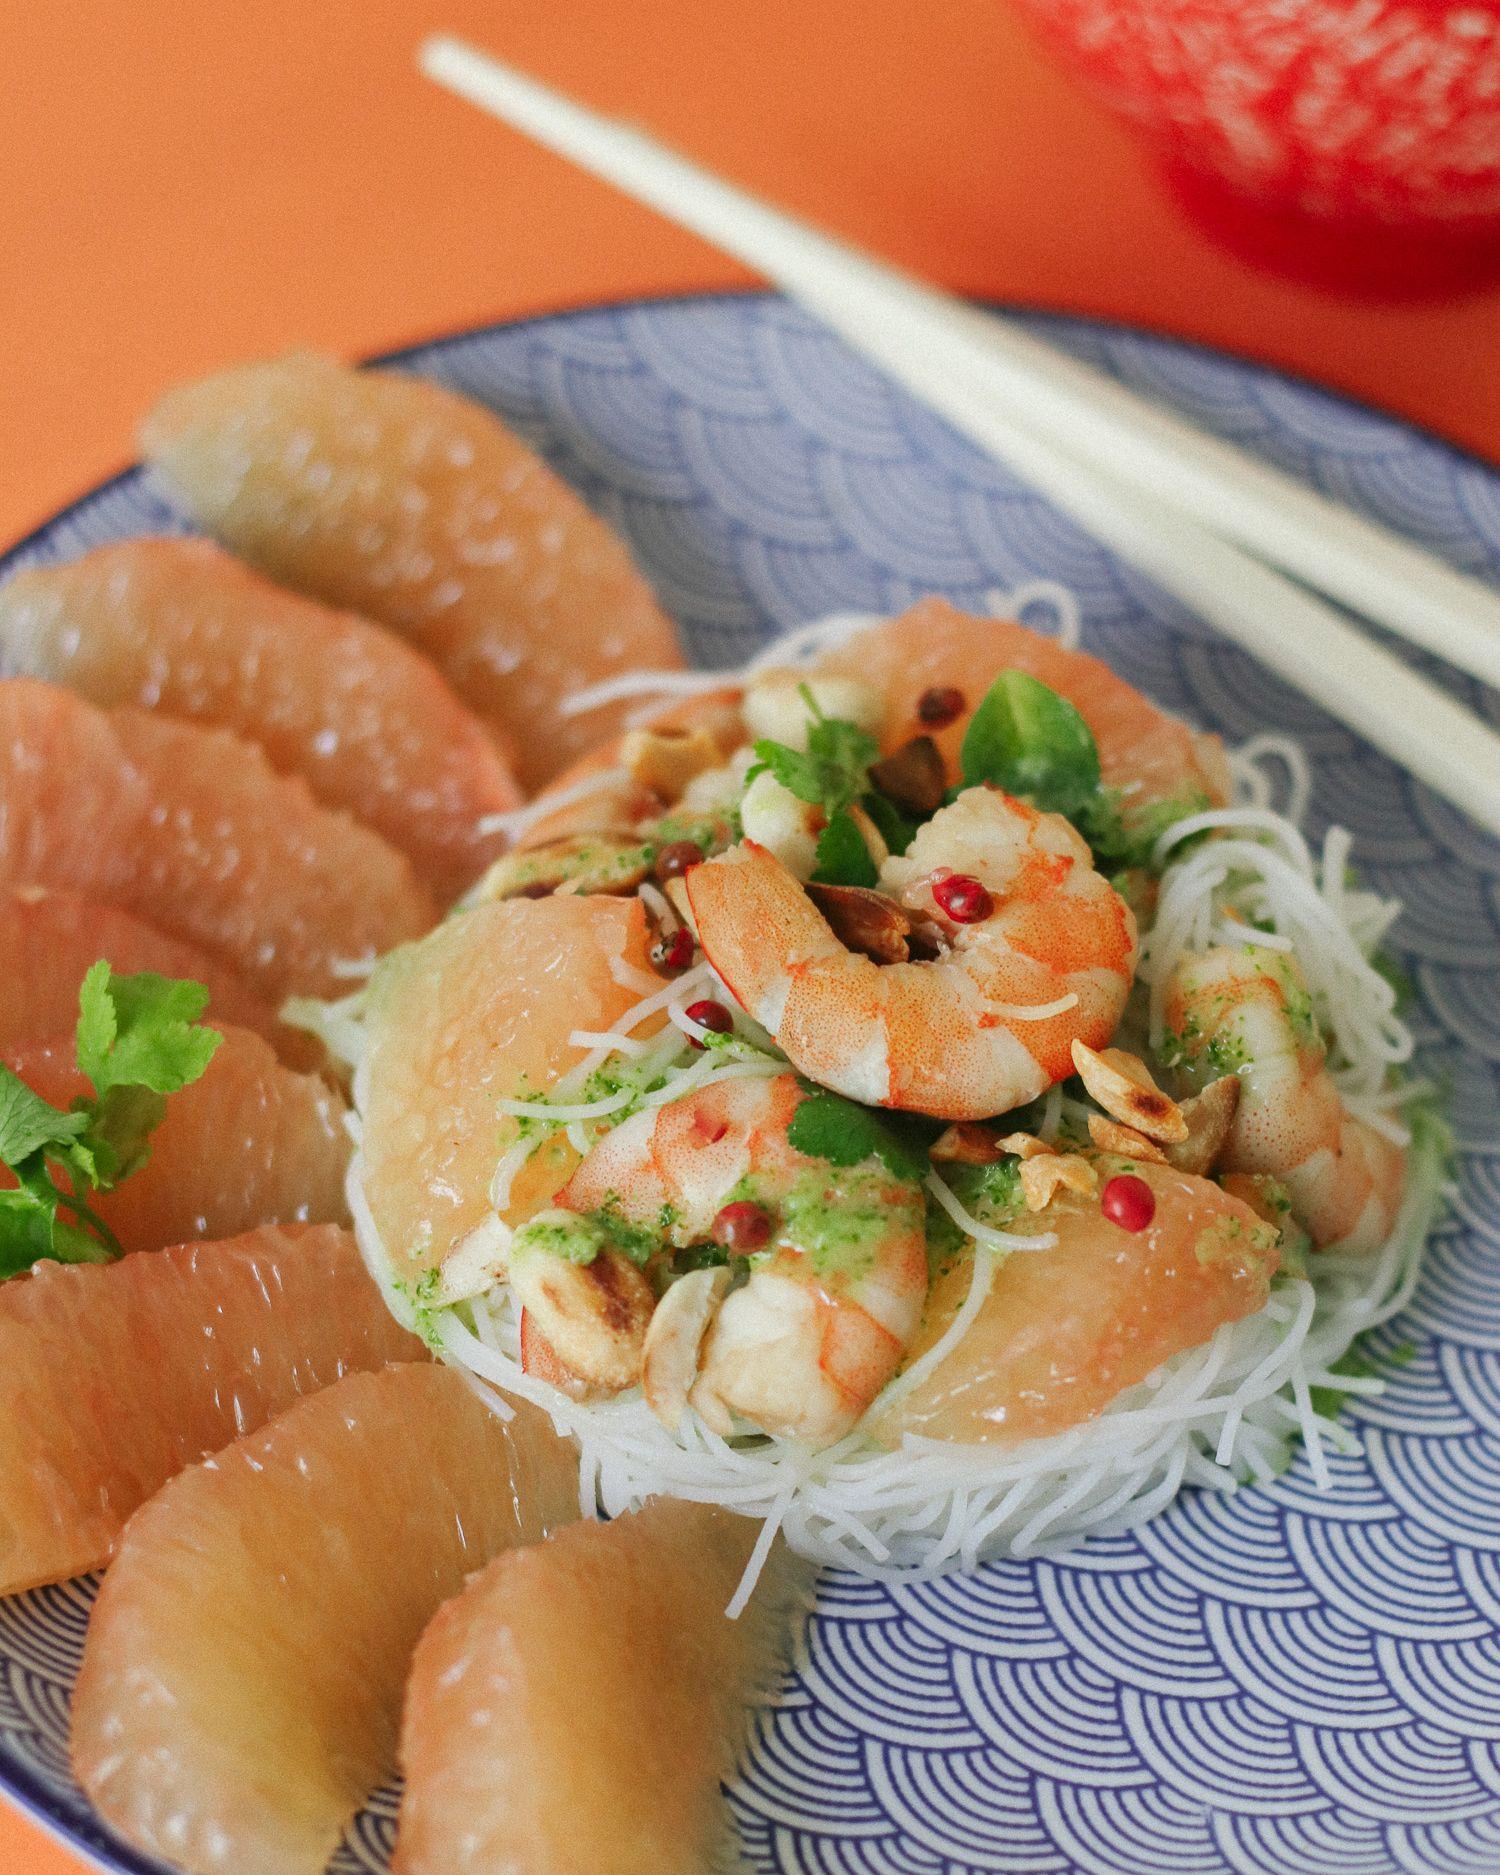 Salade aux crevettes et pomelo avec sa sauce coriandre - Repas pour nouvel an chinois #repasnouvelan